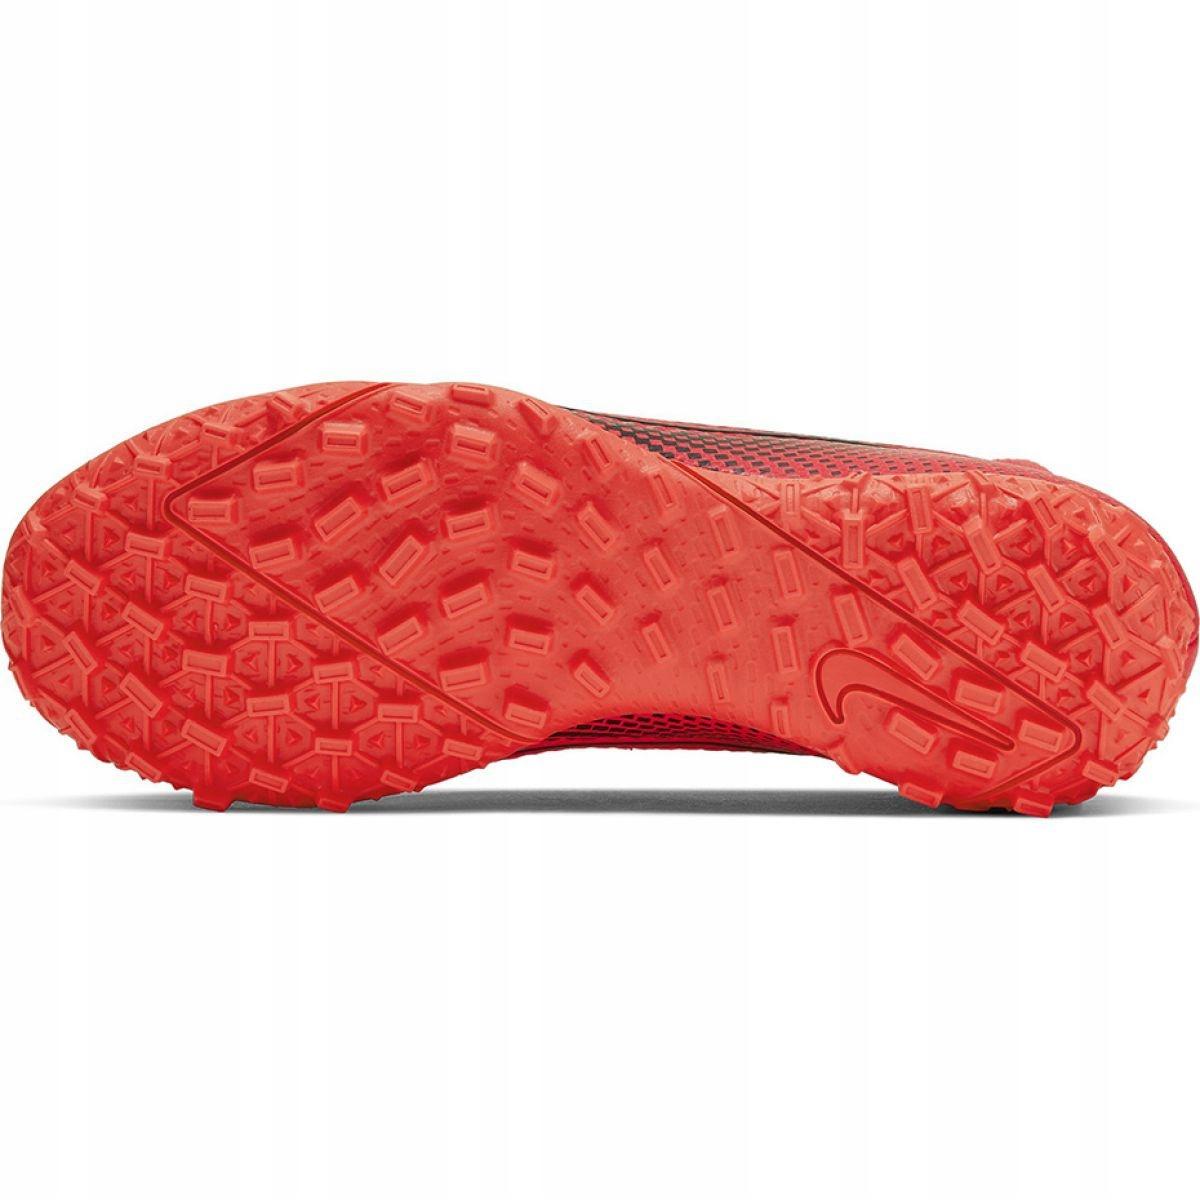 Scarpe-da-calcio-Nike-Mercurial-Superfly-7-Academy-Tf-M-AT7978-606-rosso-rosso miniatura 9